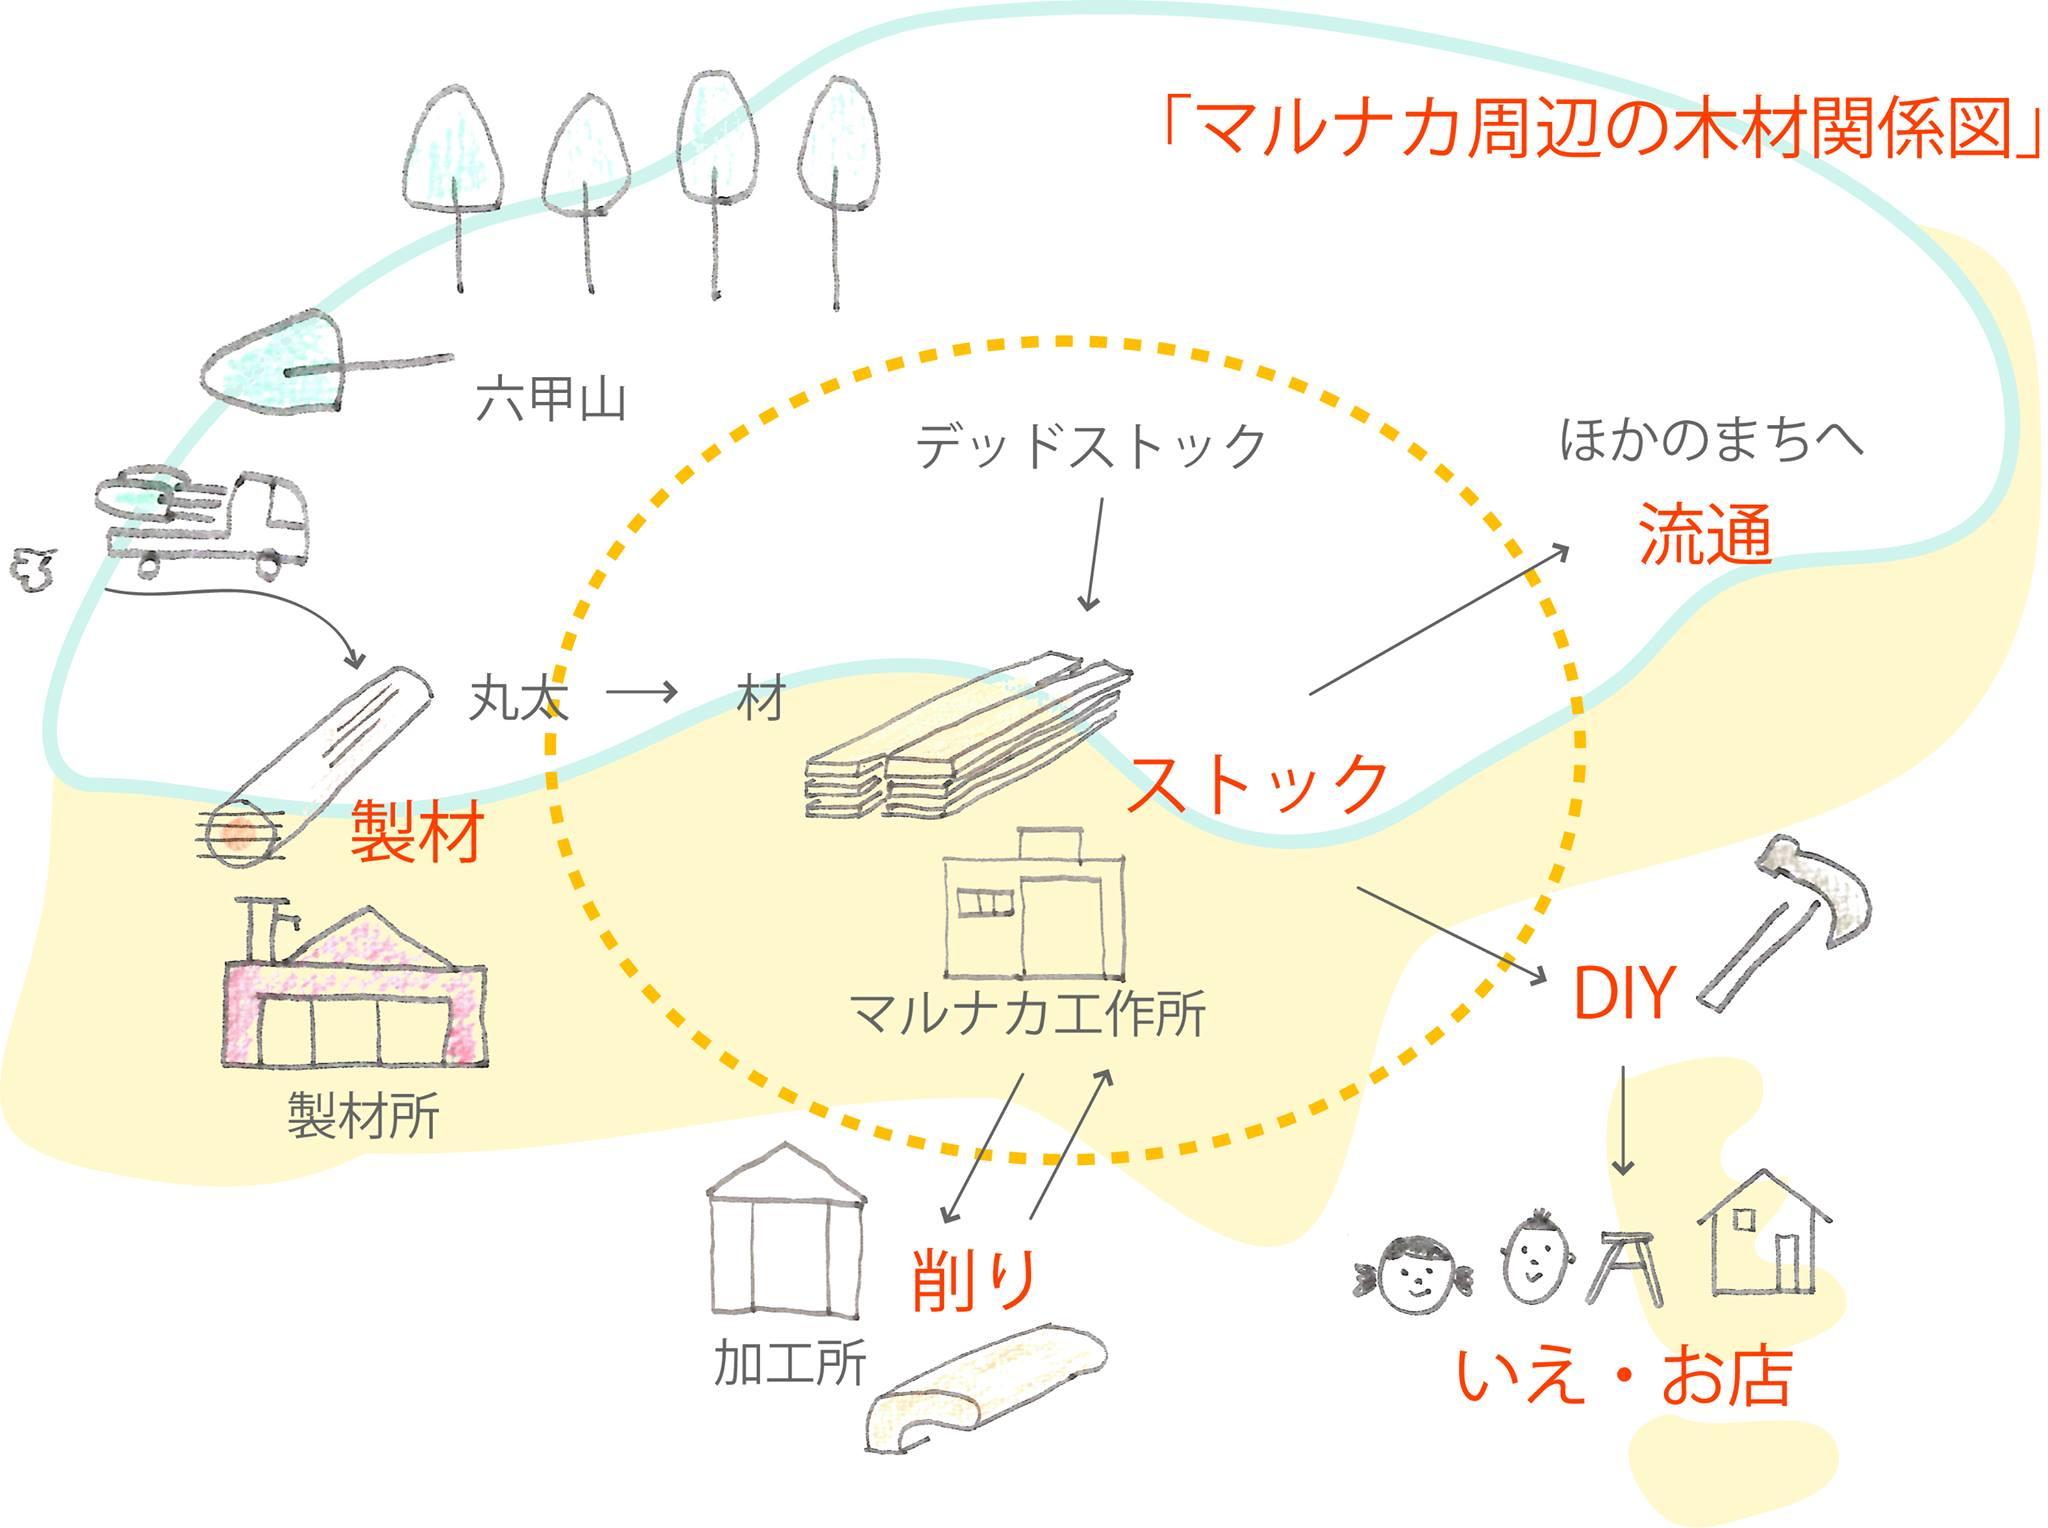 神戸市 六甲山 SHAREWOODS HASE65 地域材 山崎正夫